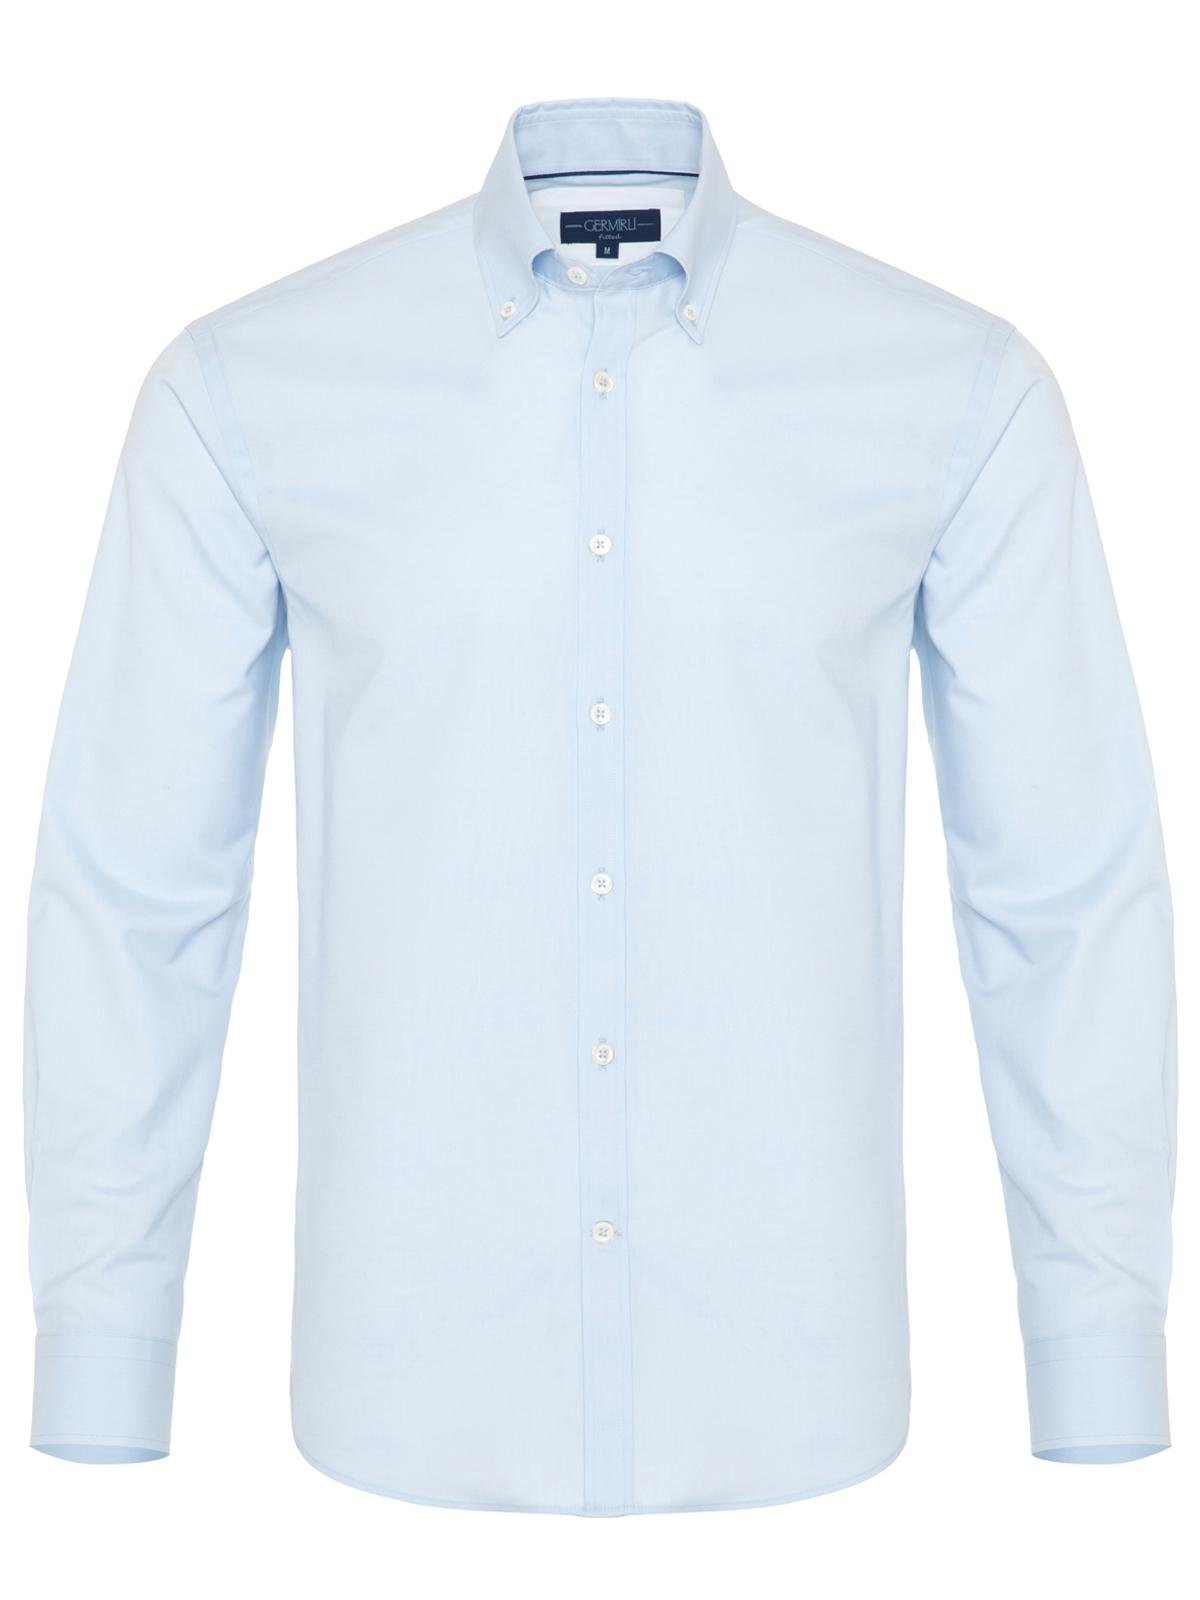 Germirli Mavi Panama Düğmeli Yaka Tailor Fit Gömlek